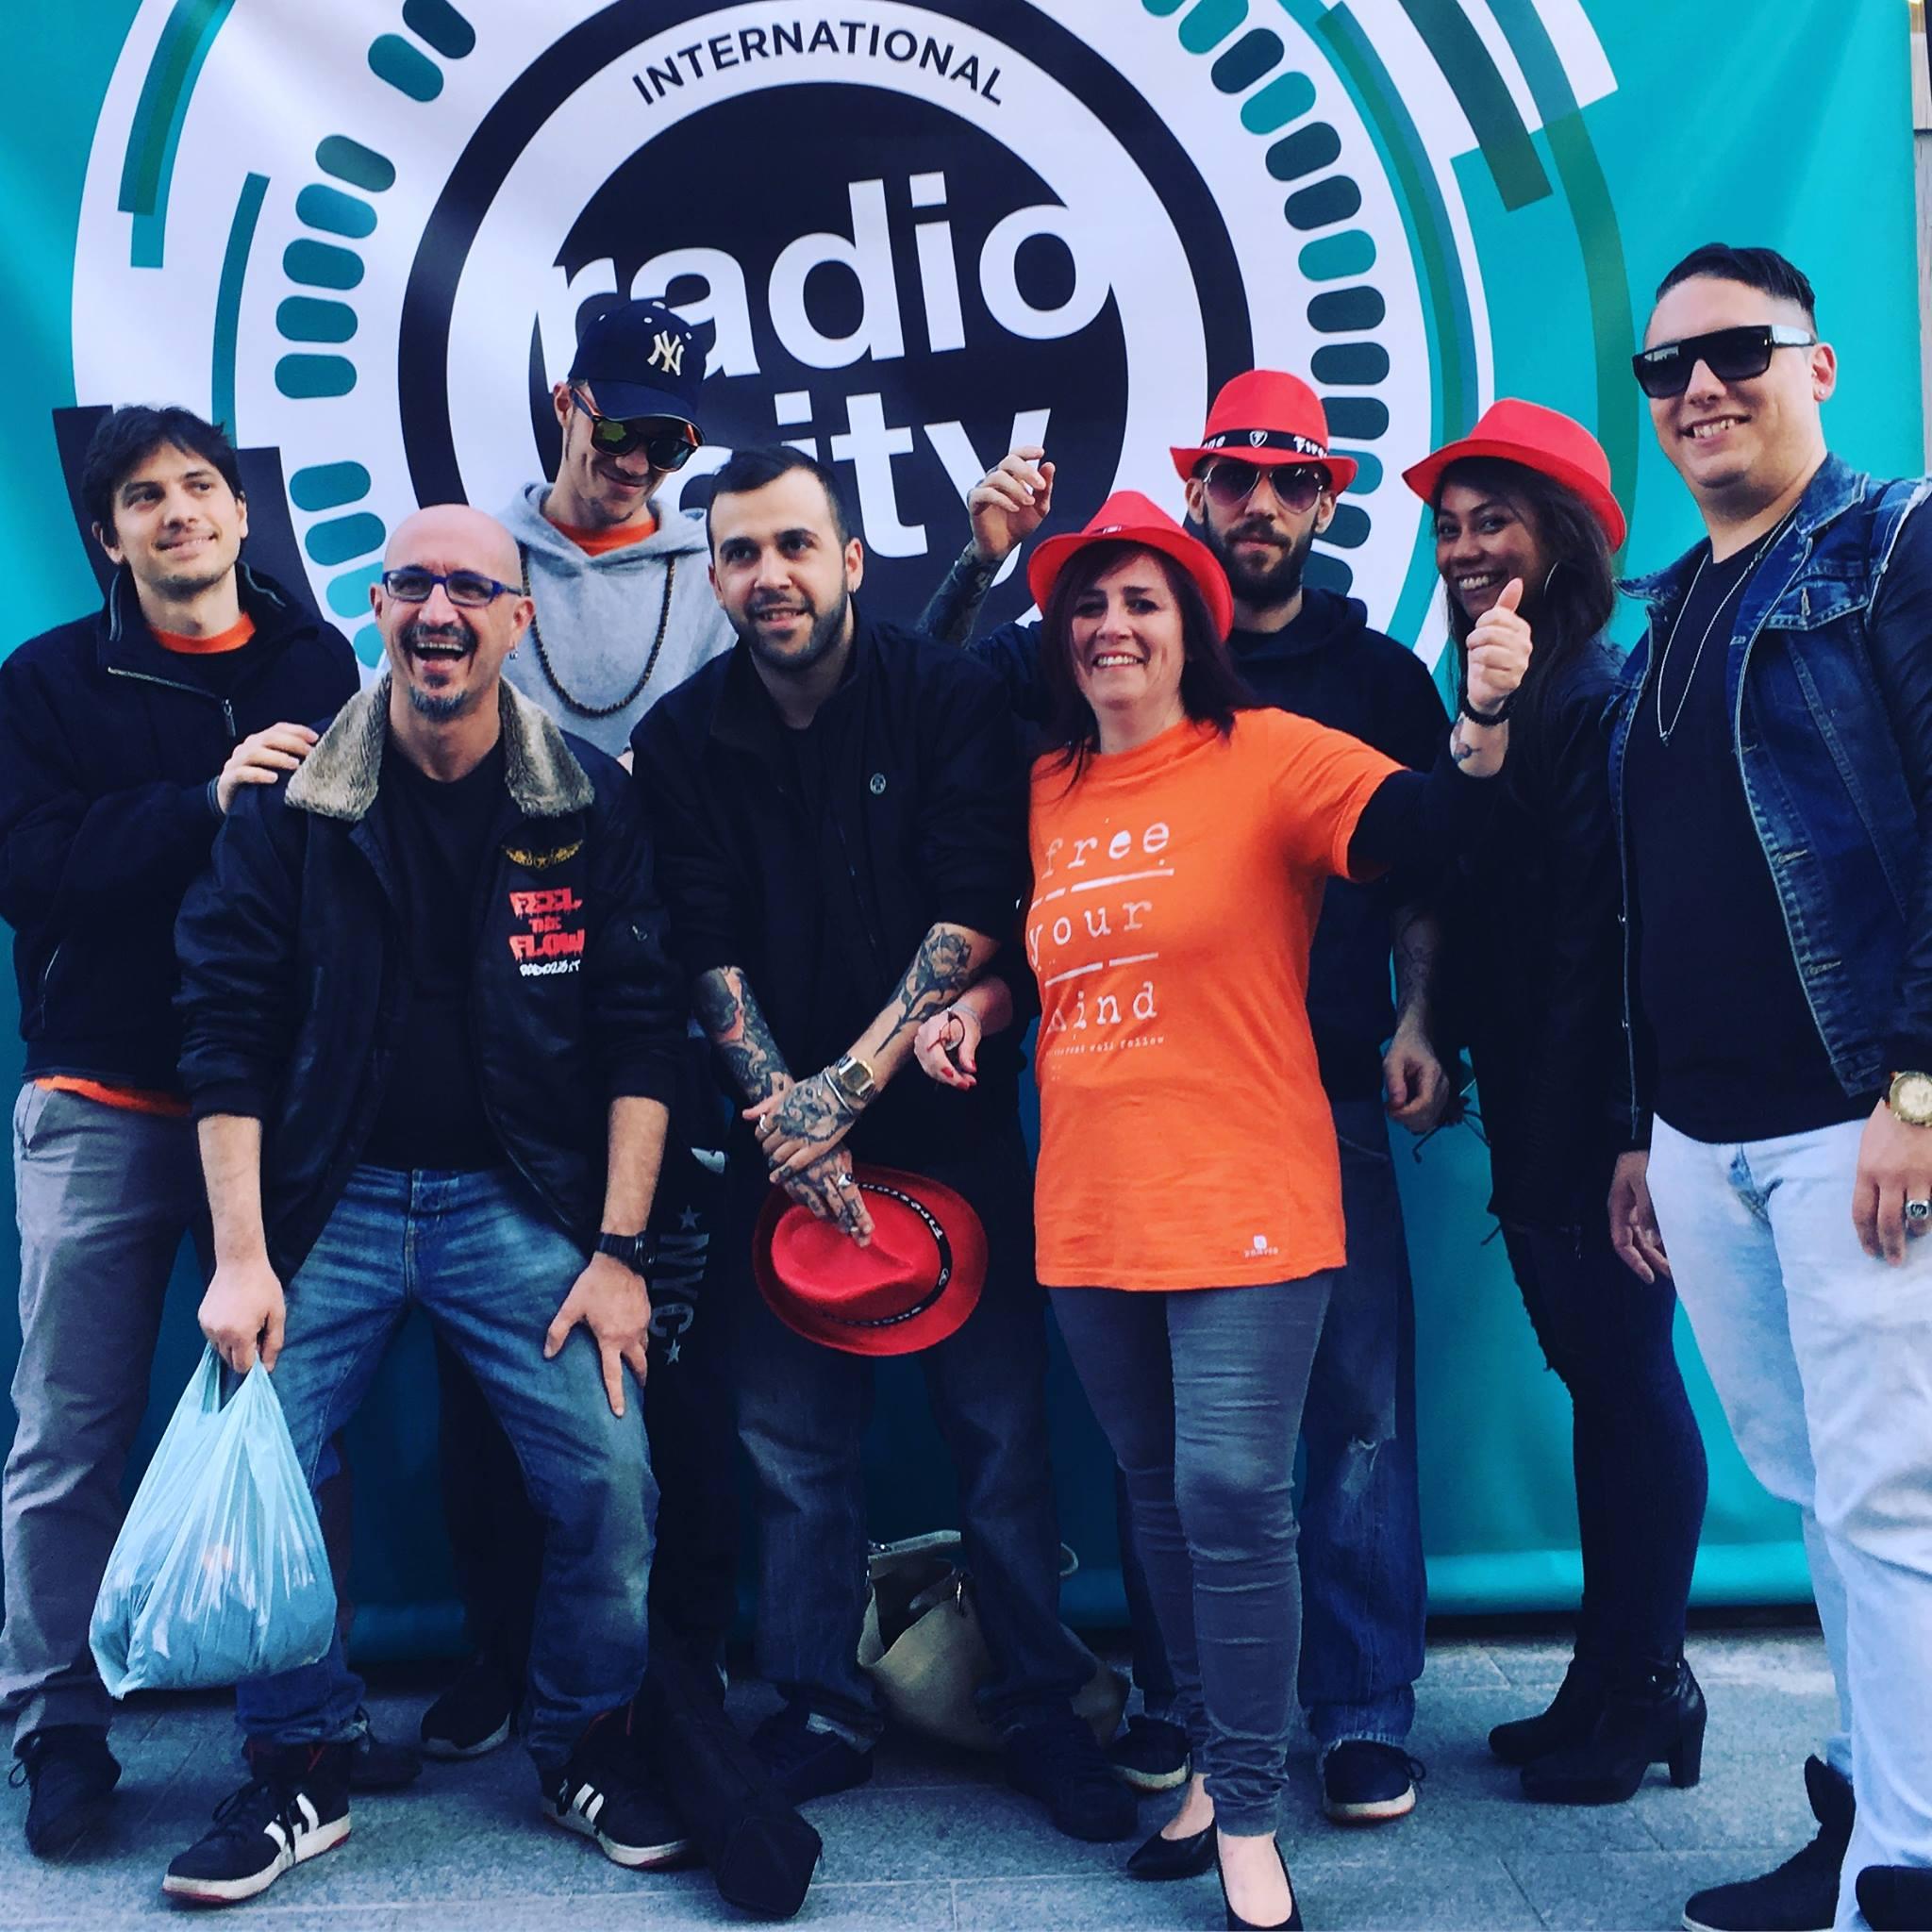 Roberto Bocchetti al RadioCity Milano 2017 con lo staff di R23